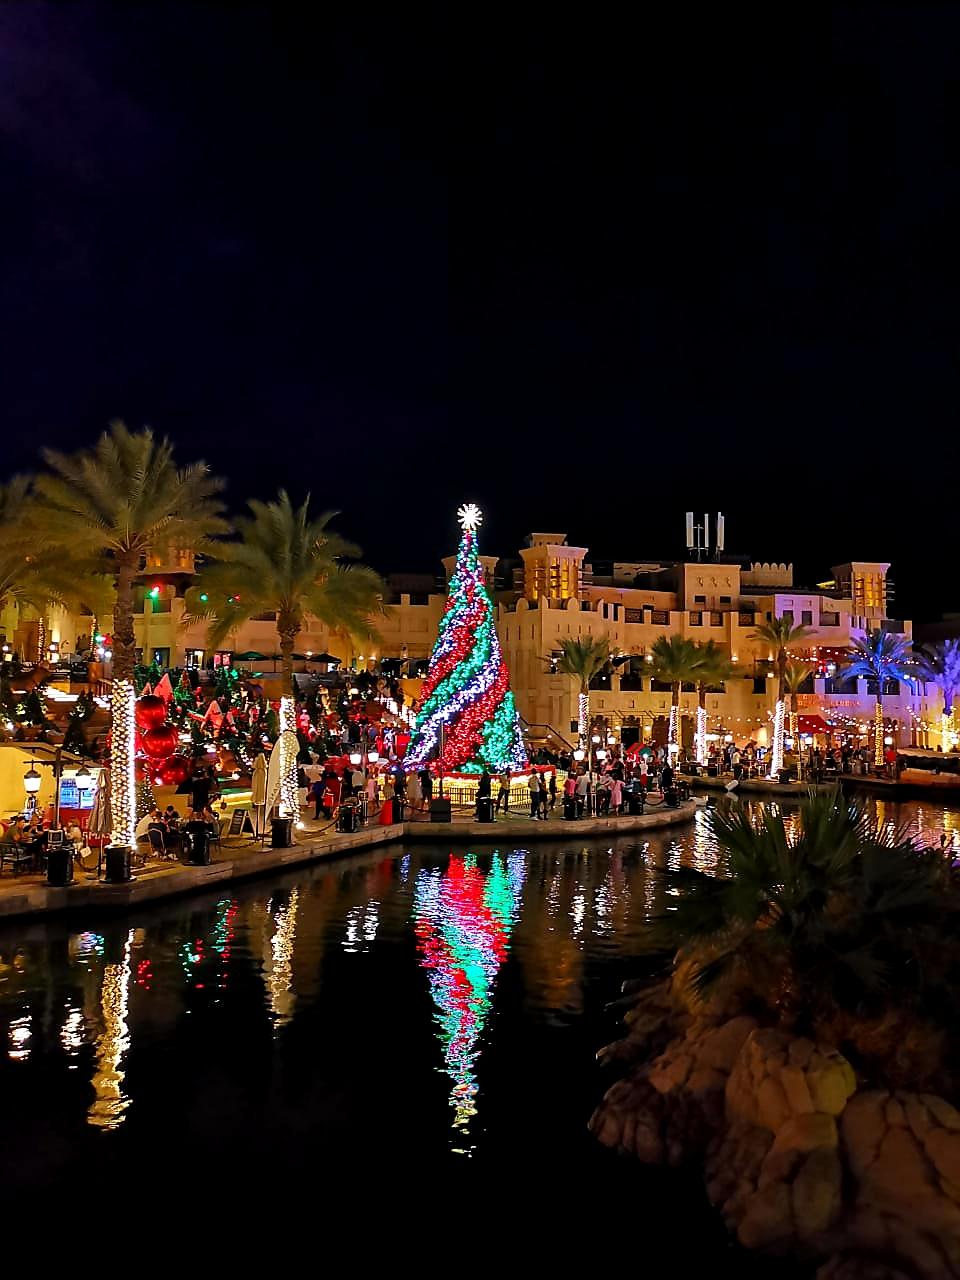 Zu Weihnachten wird hier ein traditioneller Weihnachtsmarkt aufgebaut